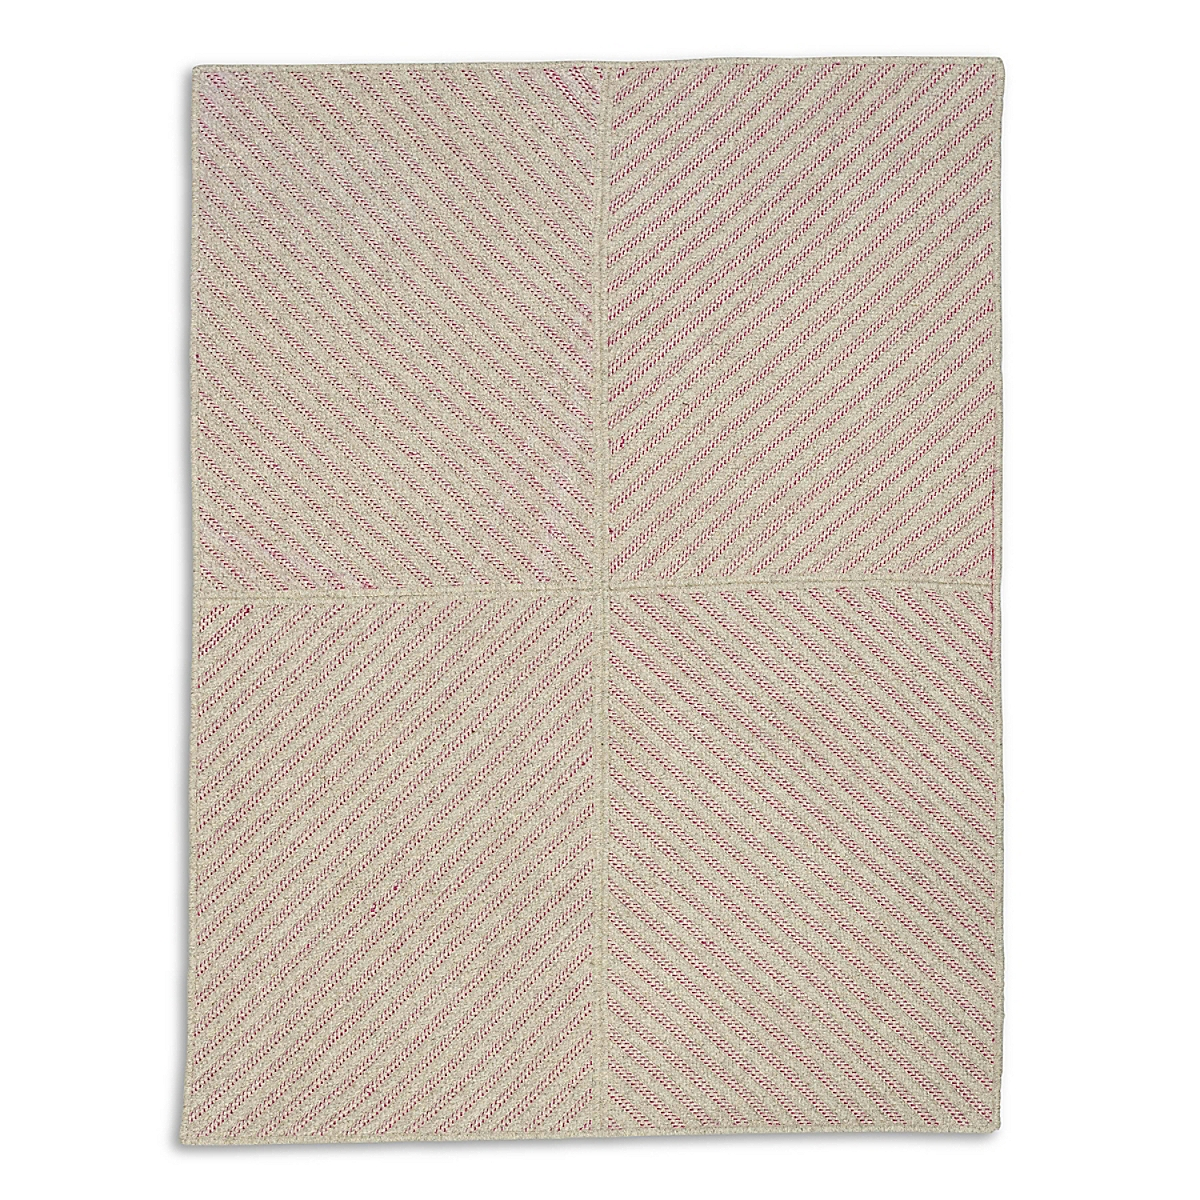 Four Points Diagonal Rug - Fuchsia